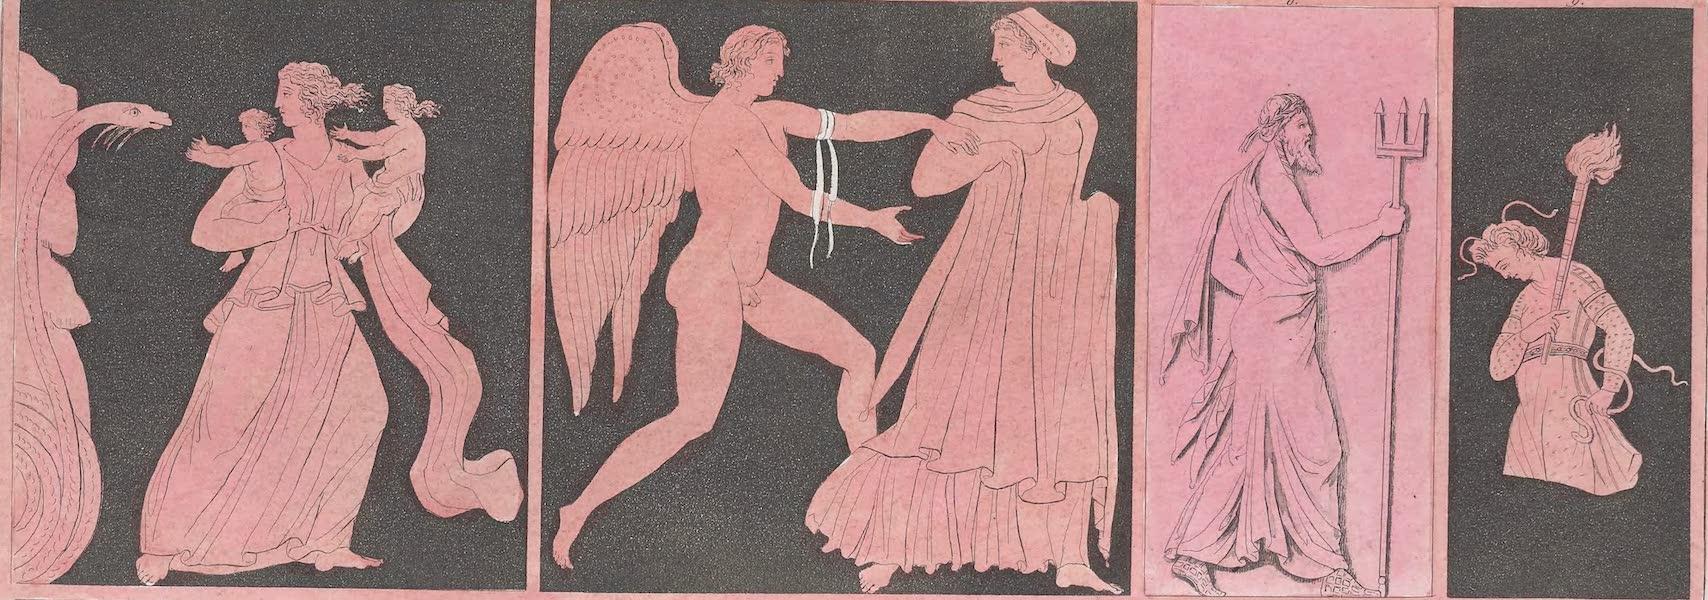 Le Costume Ancien et Moderne [Europe] Vol. 1, Pt. 1 - LIV. No. 2. Morphee, Neptune, une des Furies (1817)